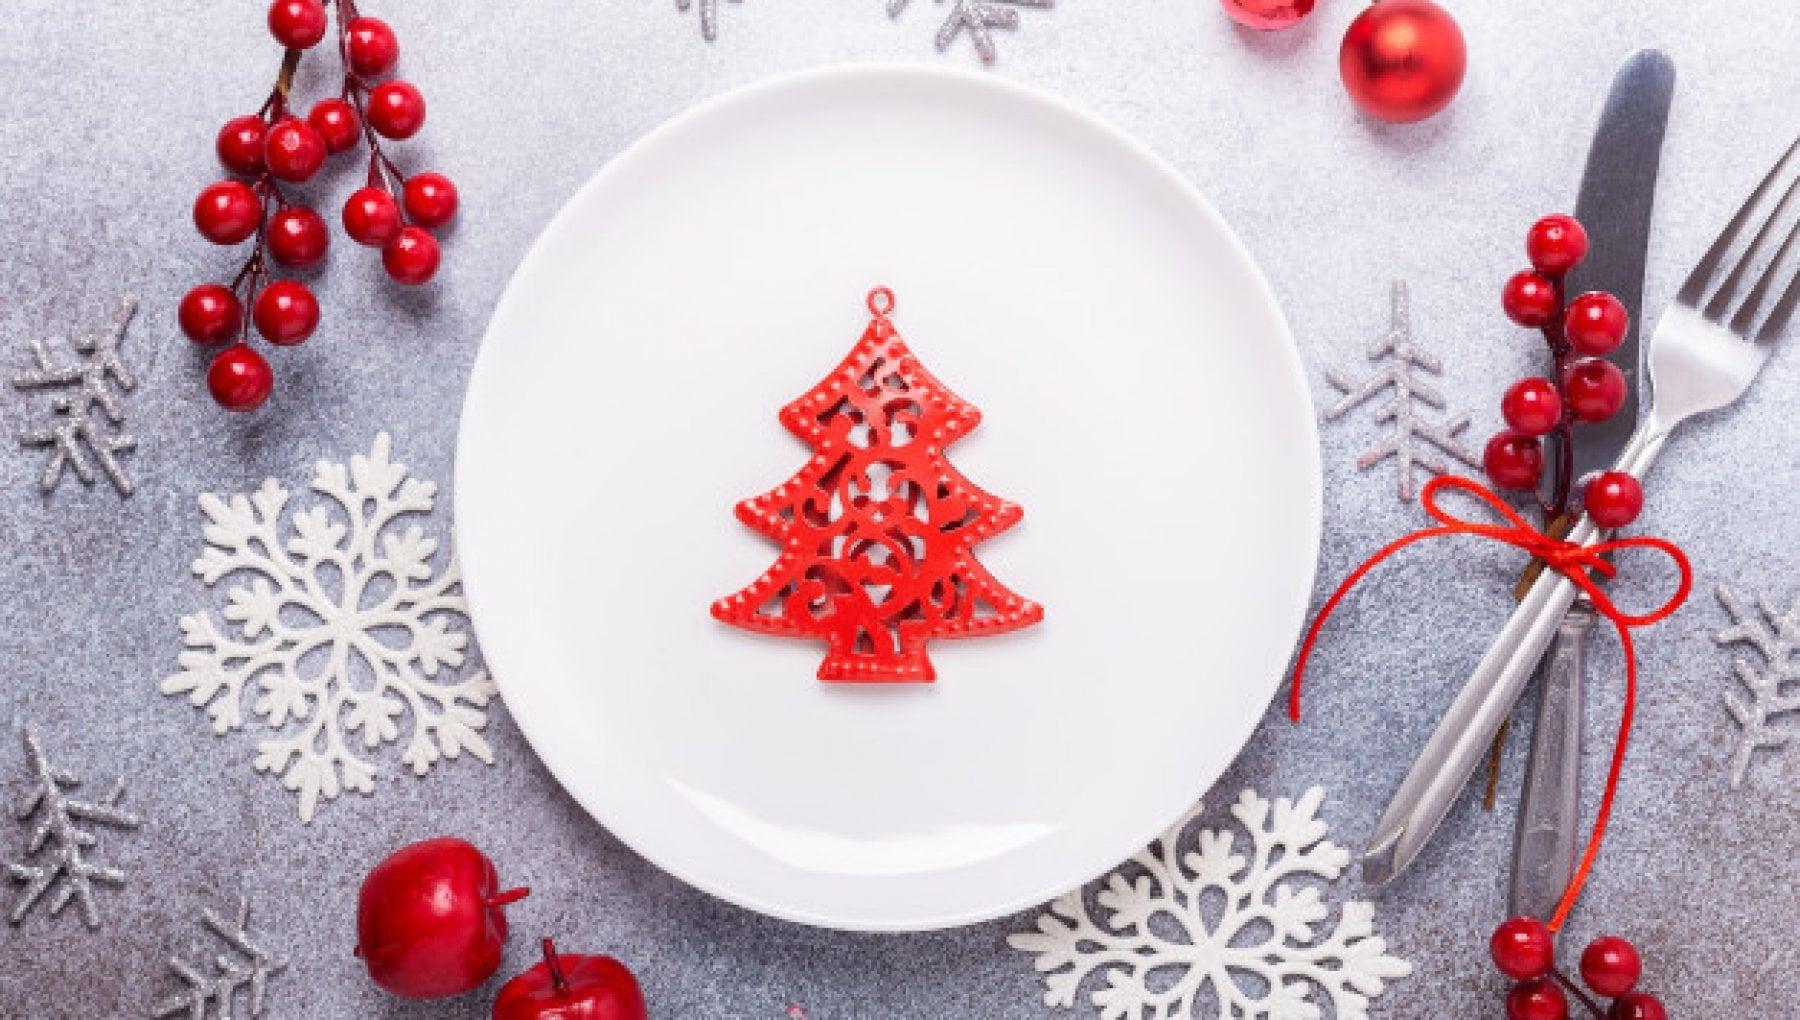 Menu Di Natale Tradizionale Veneto.Dal Panettone Alla Cena Completa La Spesa Di Natale A Roma Arriva A Domicilio La Repubblica